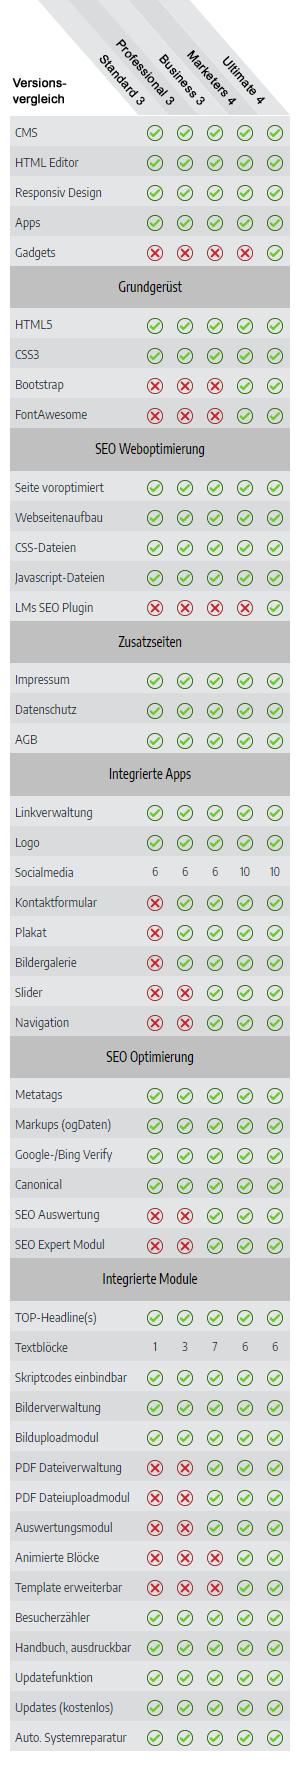 Landingpages, Versionsvergleich - Für jeden Bereich die richtige Version